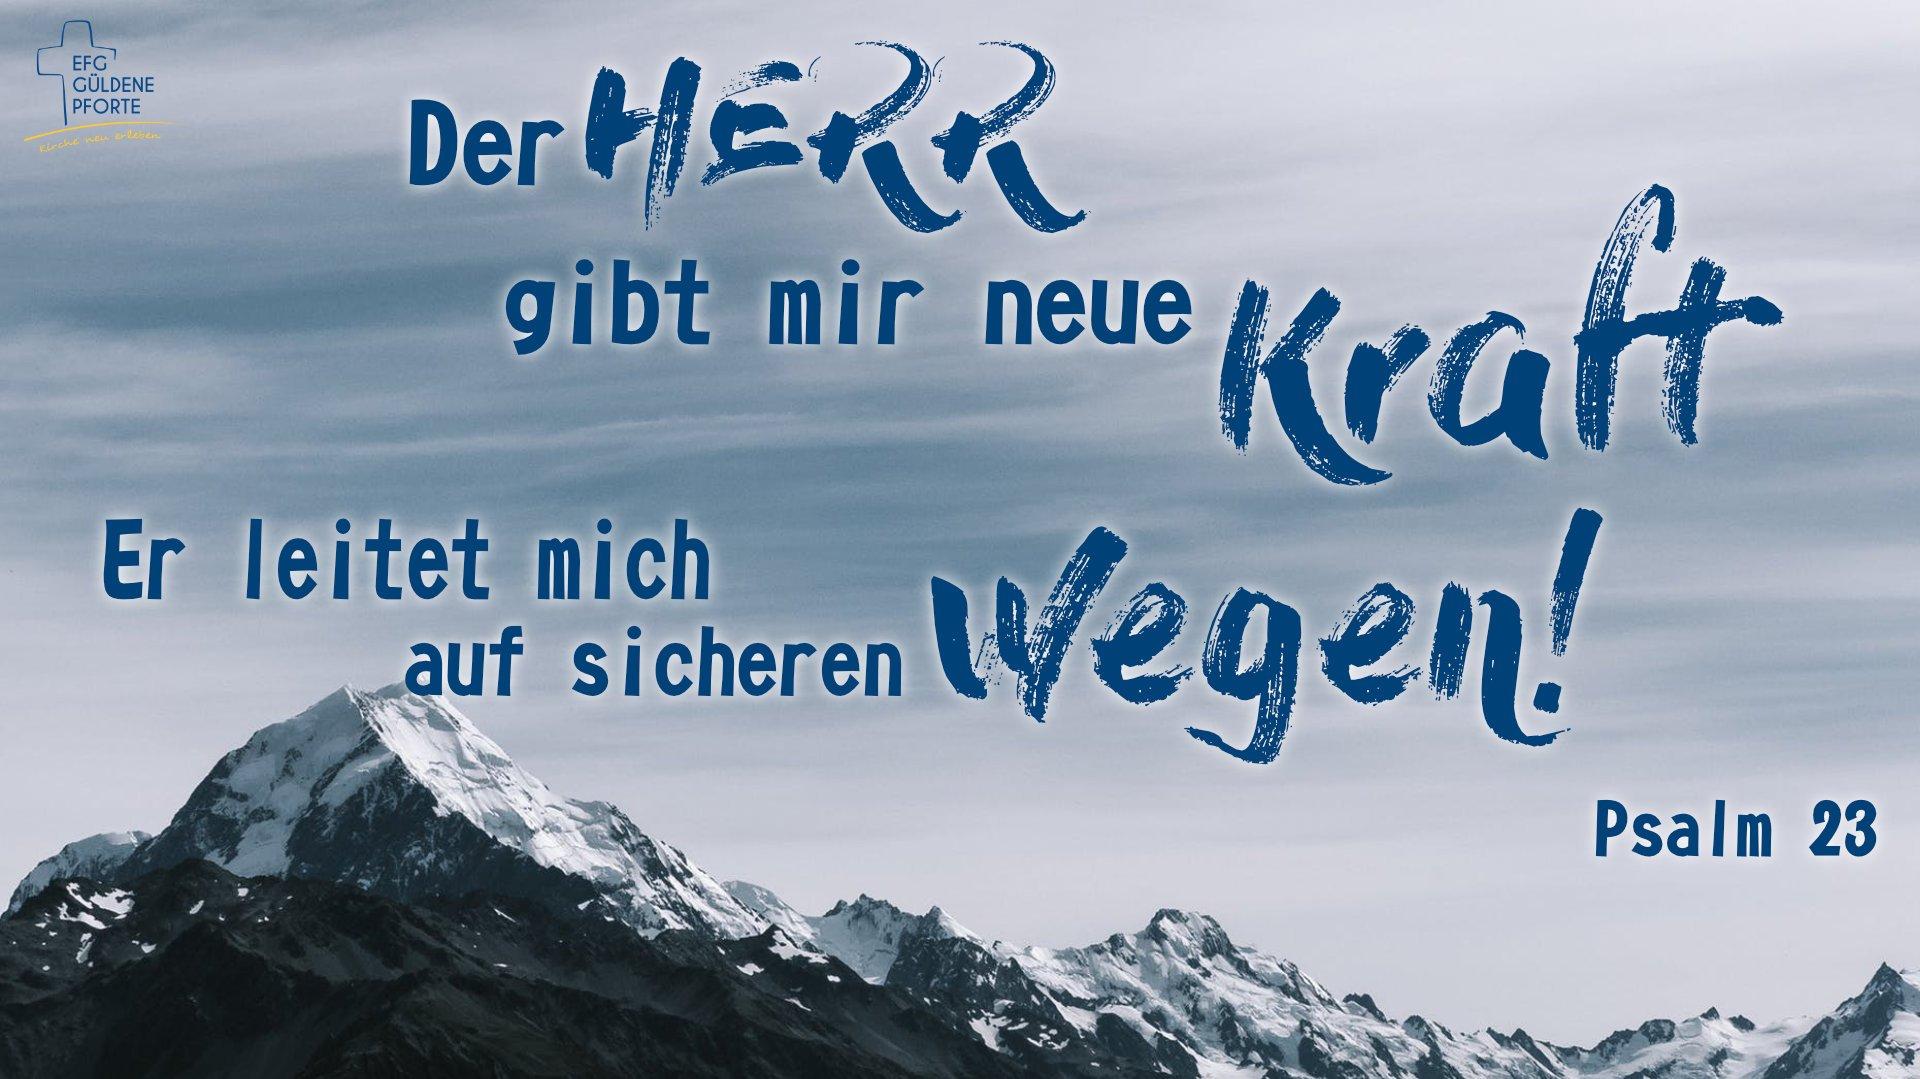 Schaukasten003